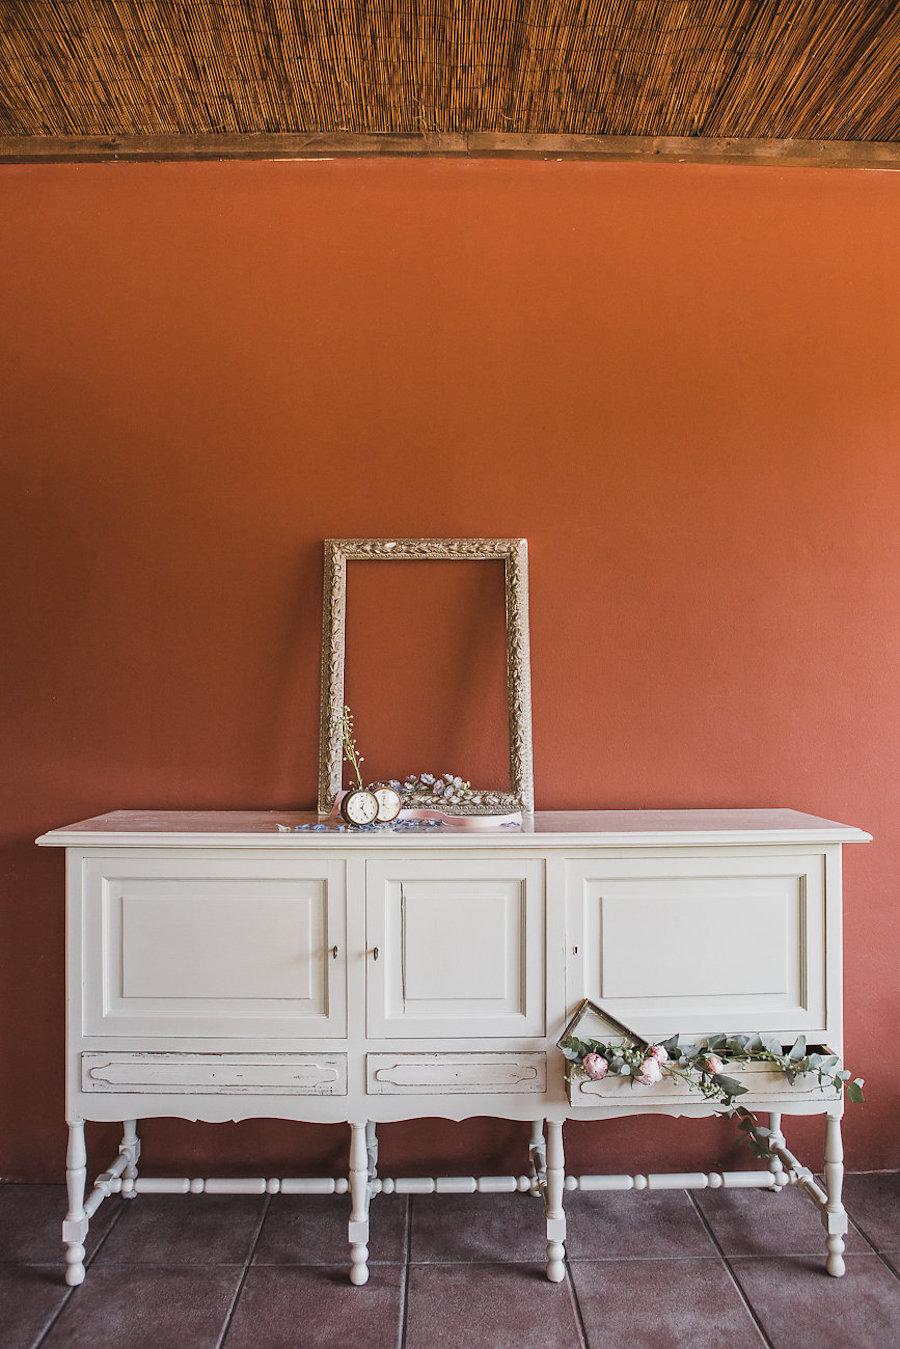 matrimonio-rose-quartz-e-serenity-di-luce-e-dombra-studio-fotografico-02